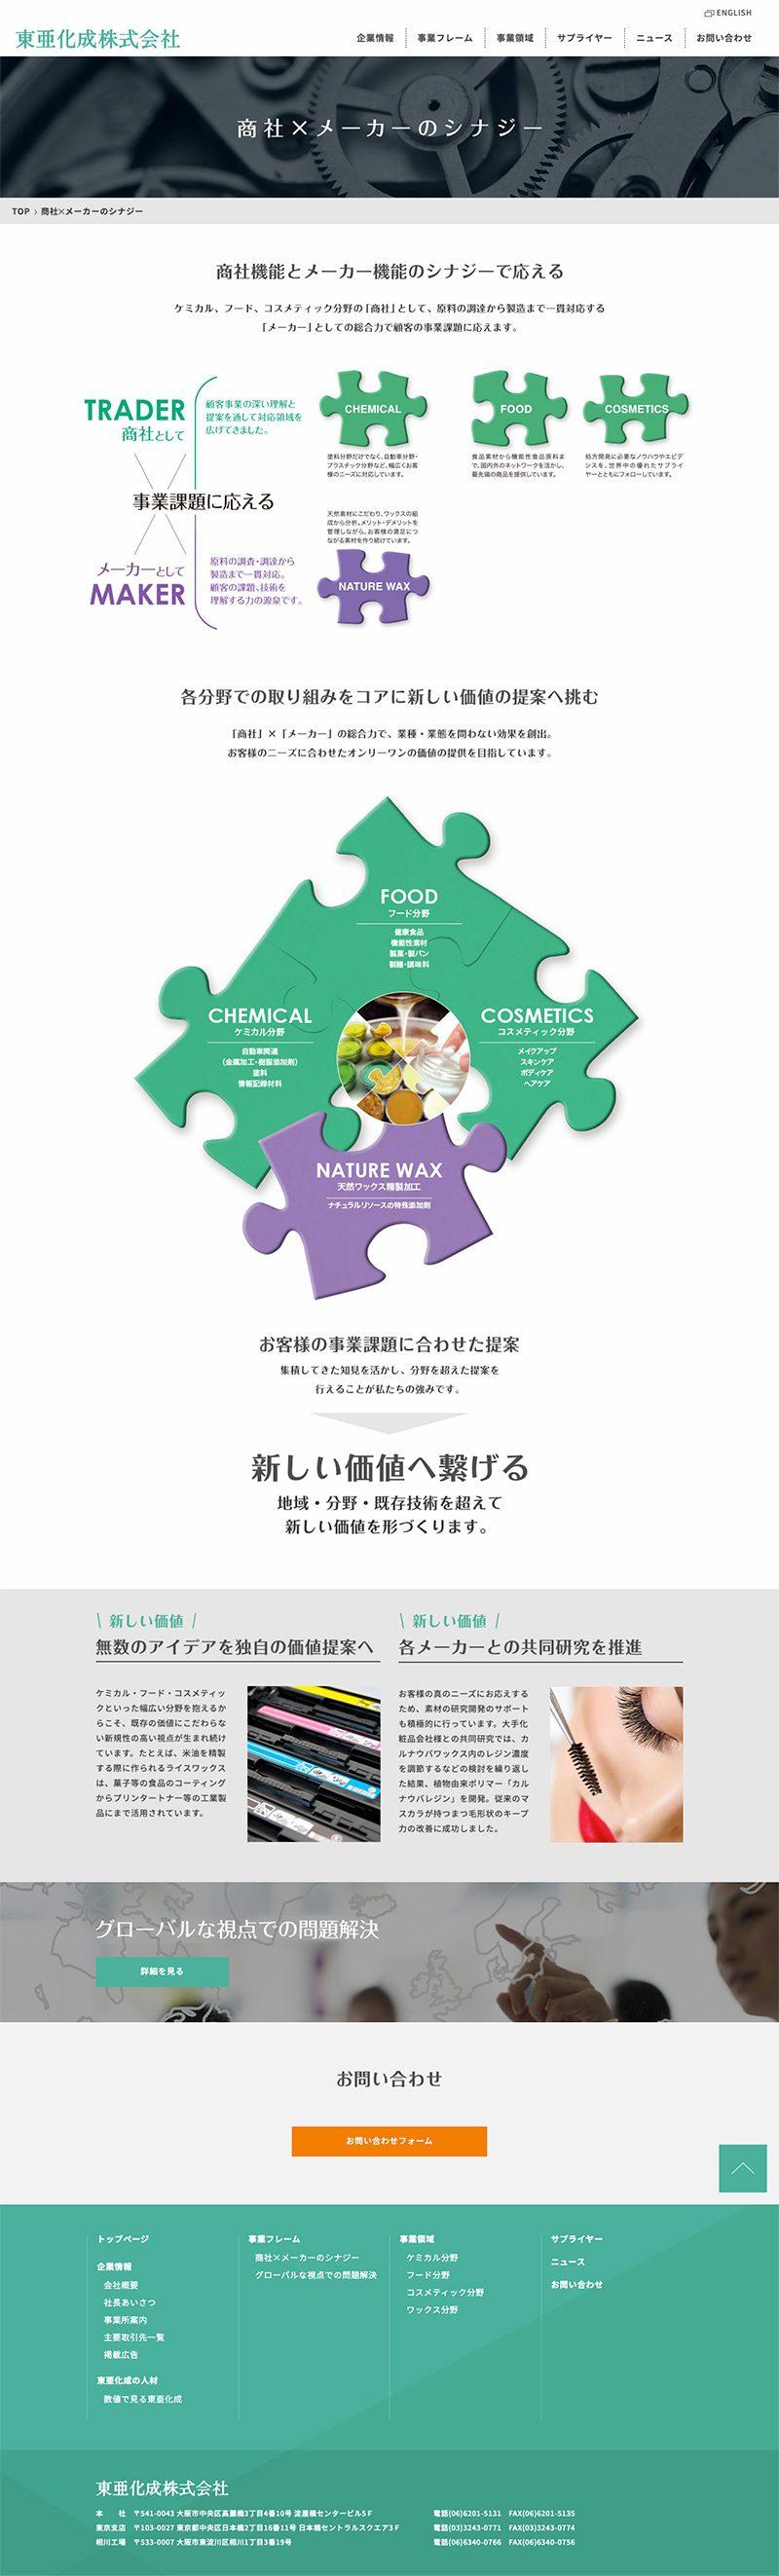 東亜化成株式会社様コーポレートサイト